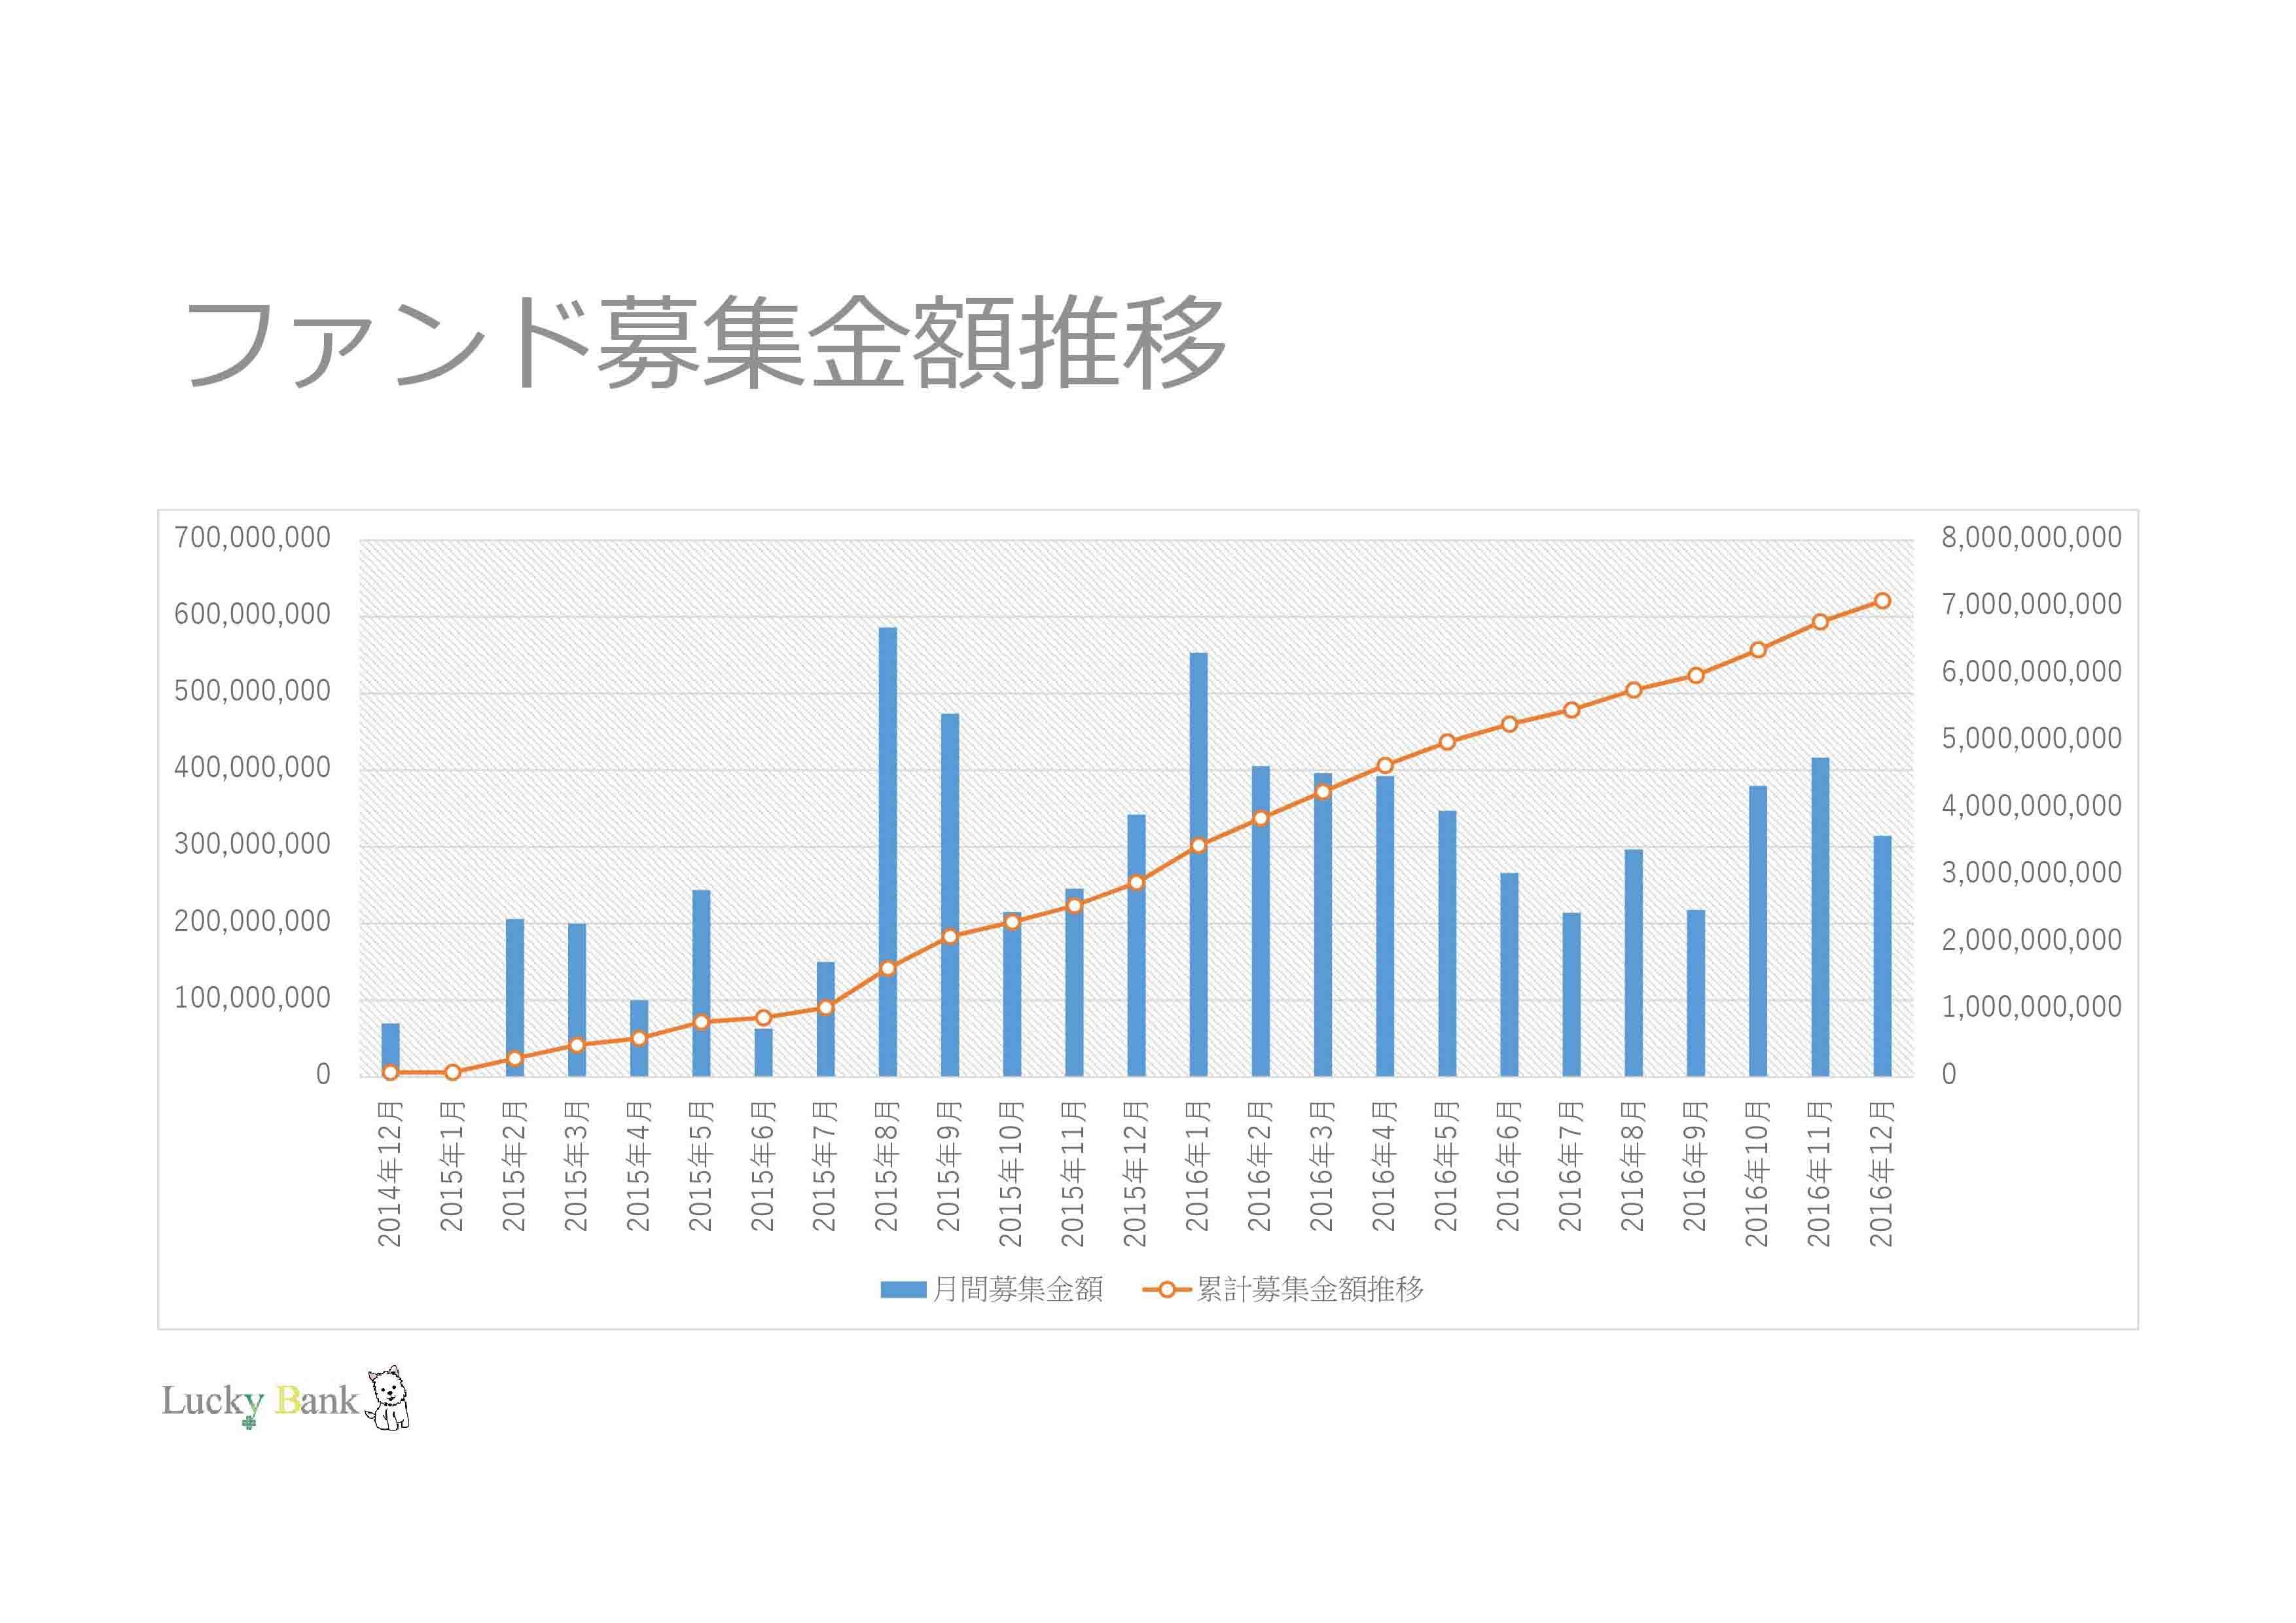 data_luckybank